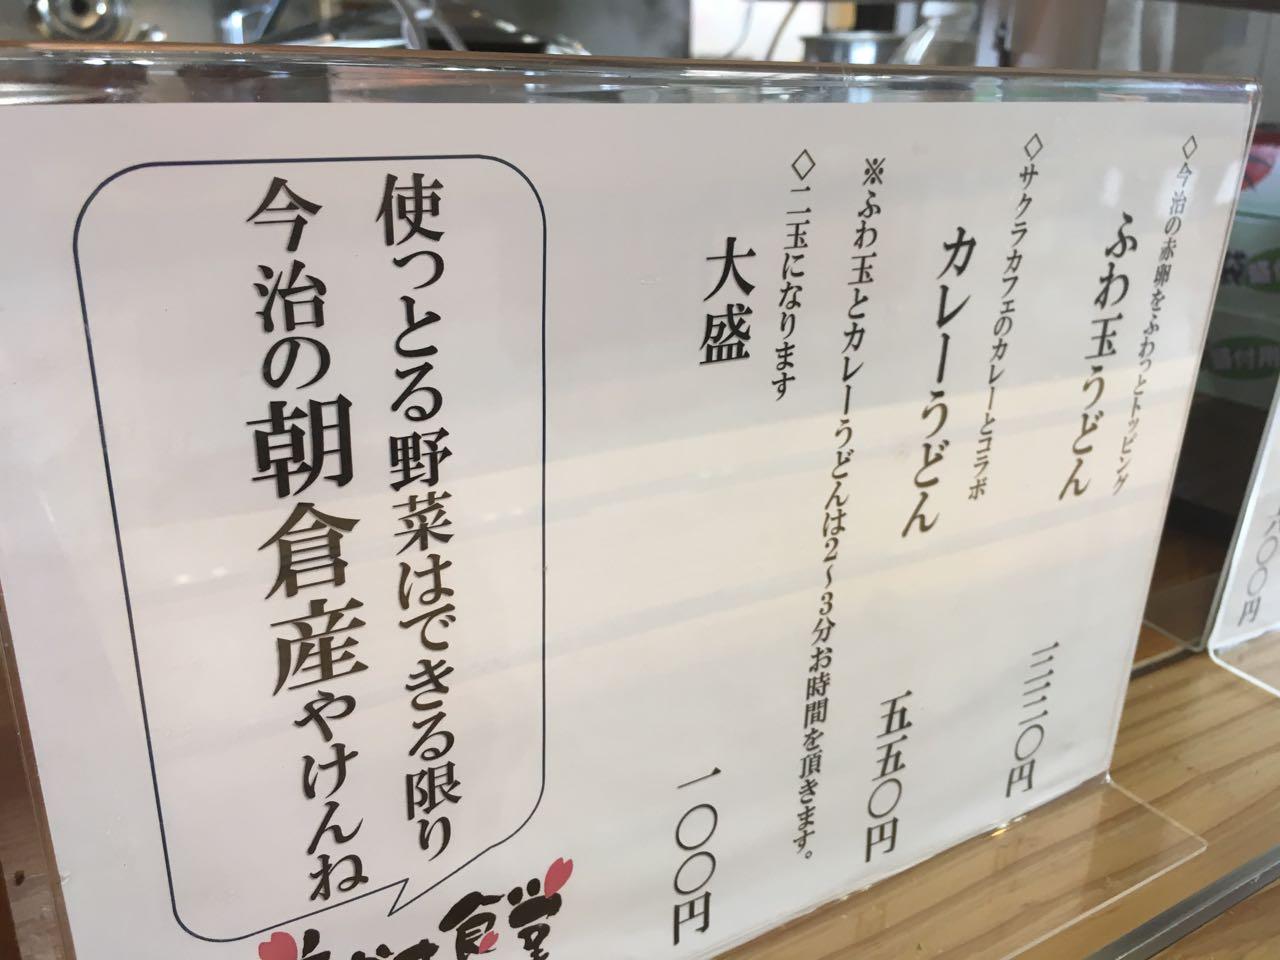 みとん今治,朝倉,さいさいきて屋,咲かす食堂,うどん,地産地消